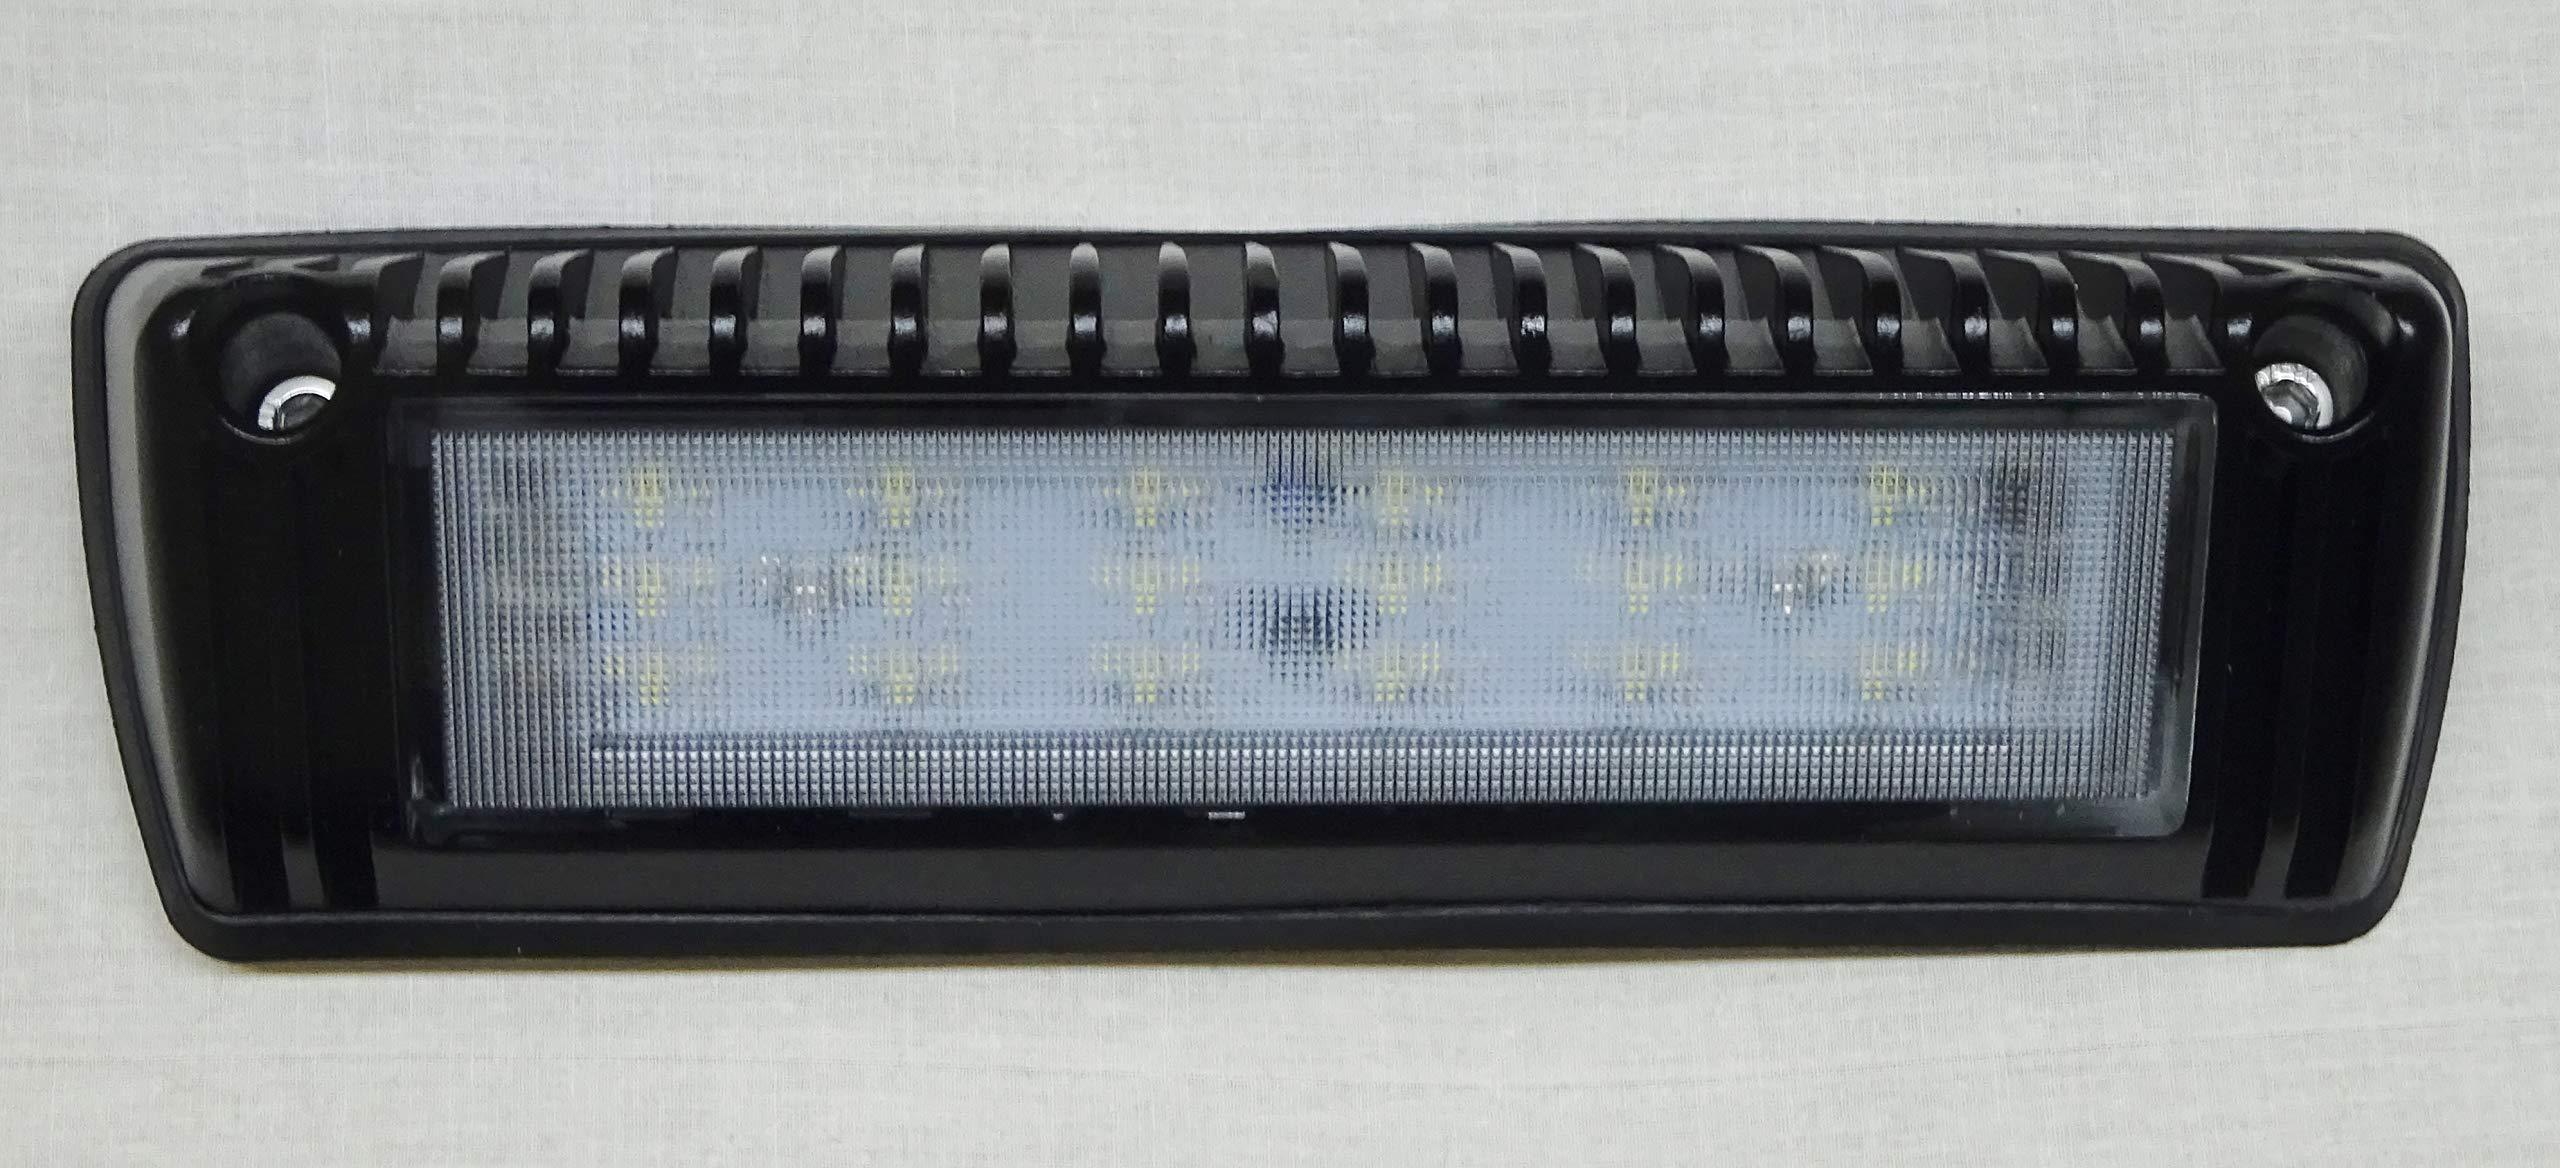 Kaper II L16-0210-BLK-9 9 Inch Docking Light